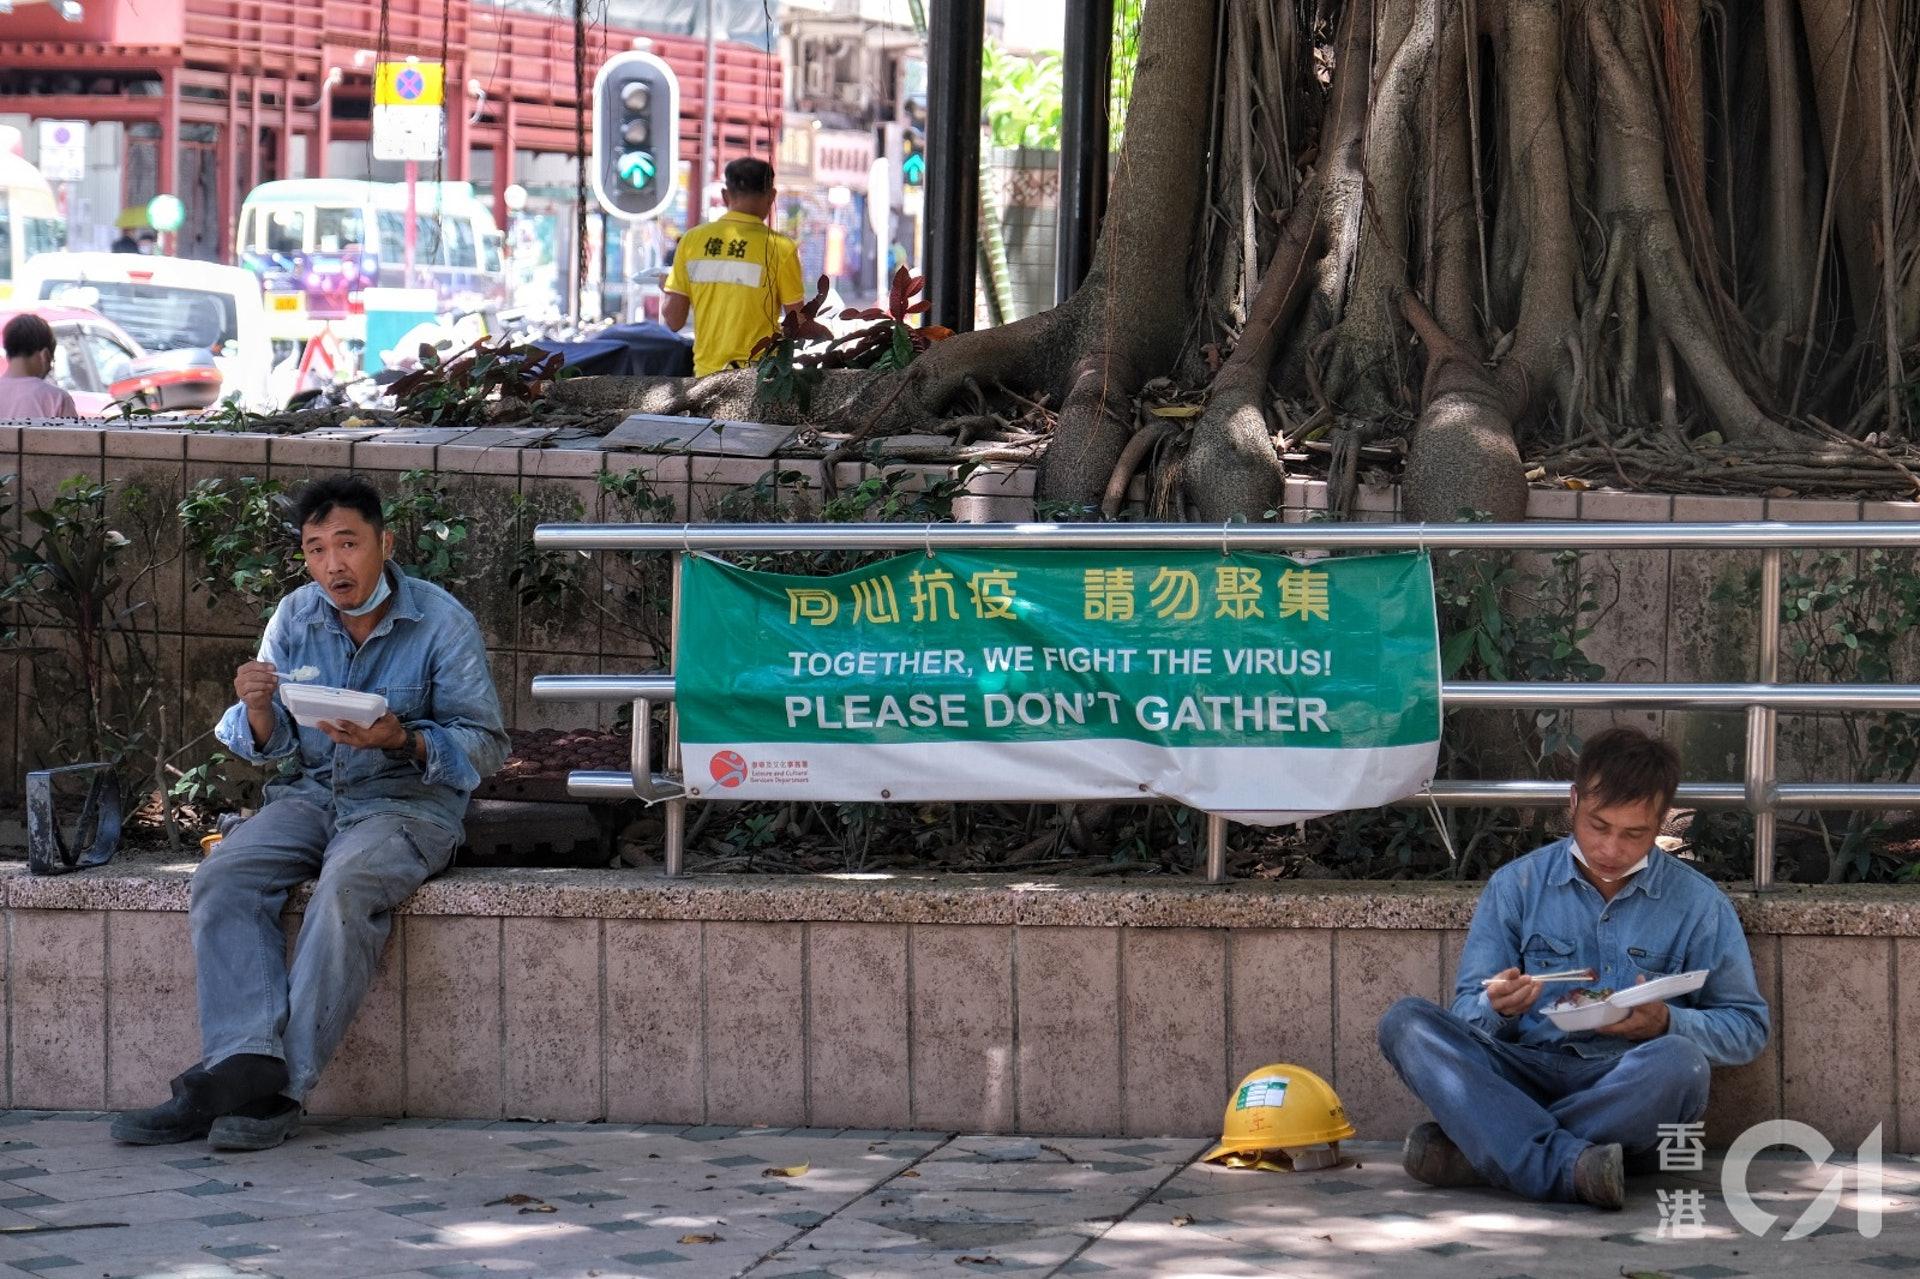 7月30日,炎熱天氣下不少人都躲到樹蔭下進食午餐。(羅君豪攝)